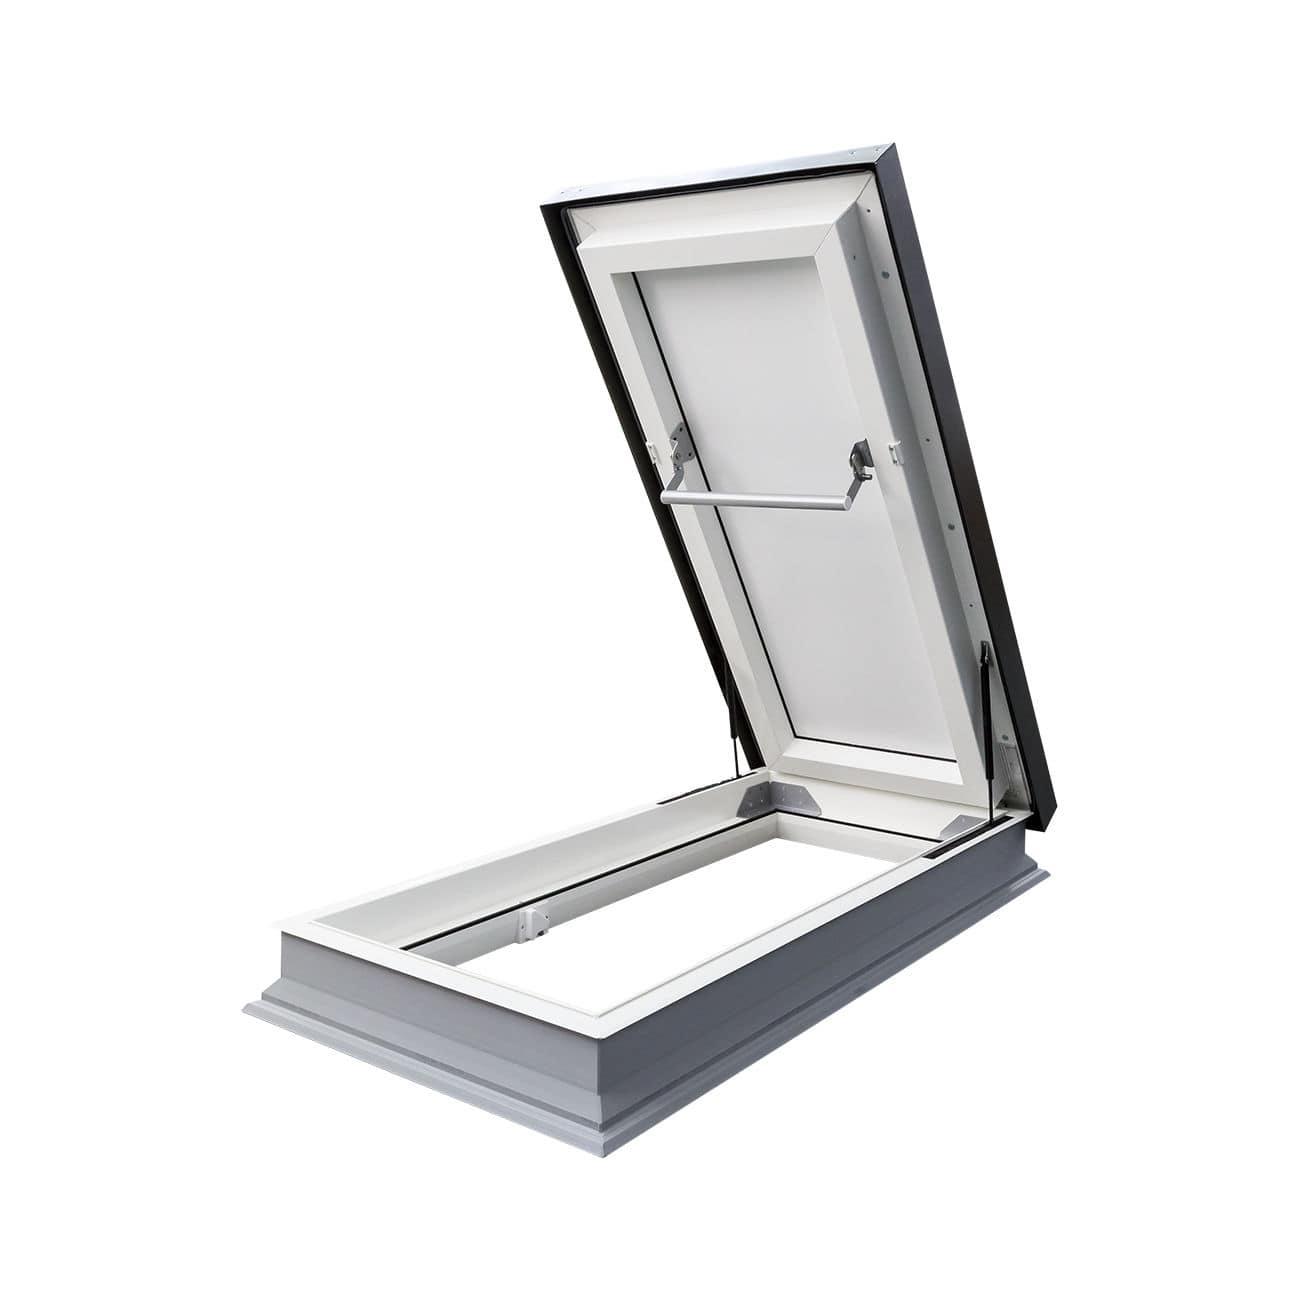 Trappe D'accès Au Toit - Drl - Fakro - Rectangulaire / En ... pour Trappe D'accès Toiture Terrasse